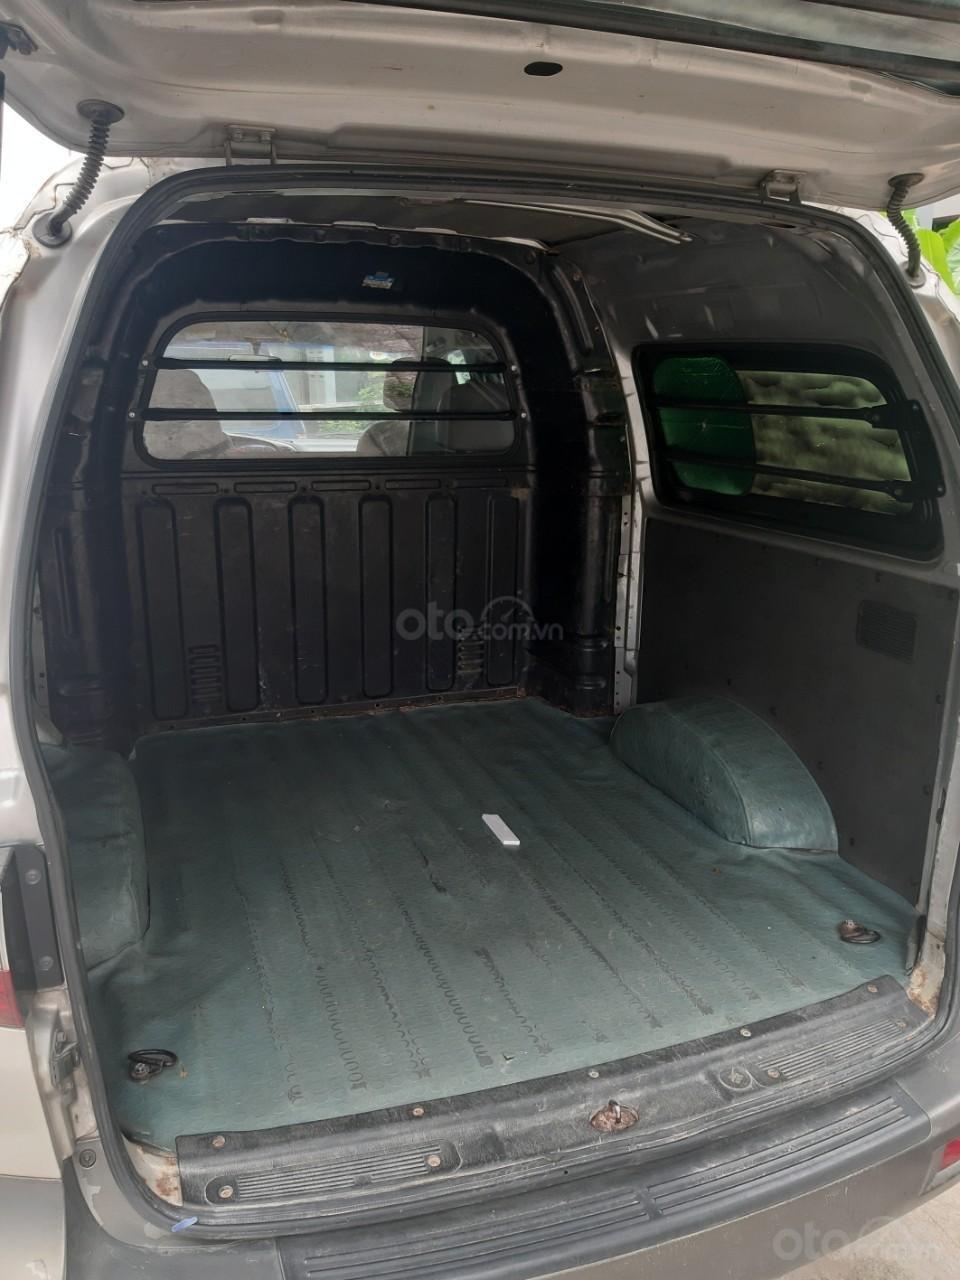 Cần bán xe Hyundai Starex bán tải, máy dầu giá 230 triệu (4)